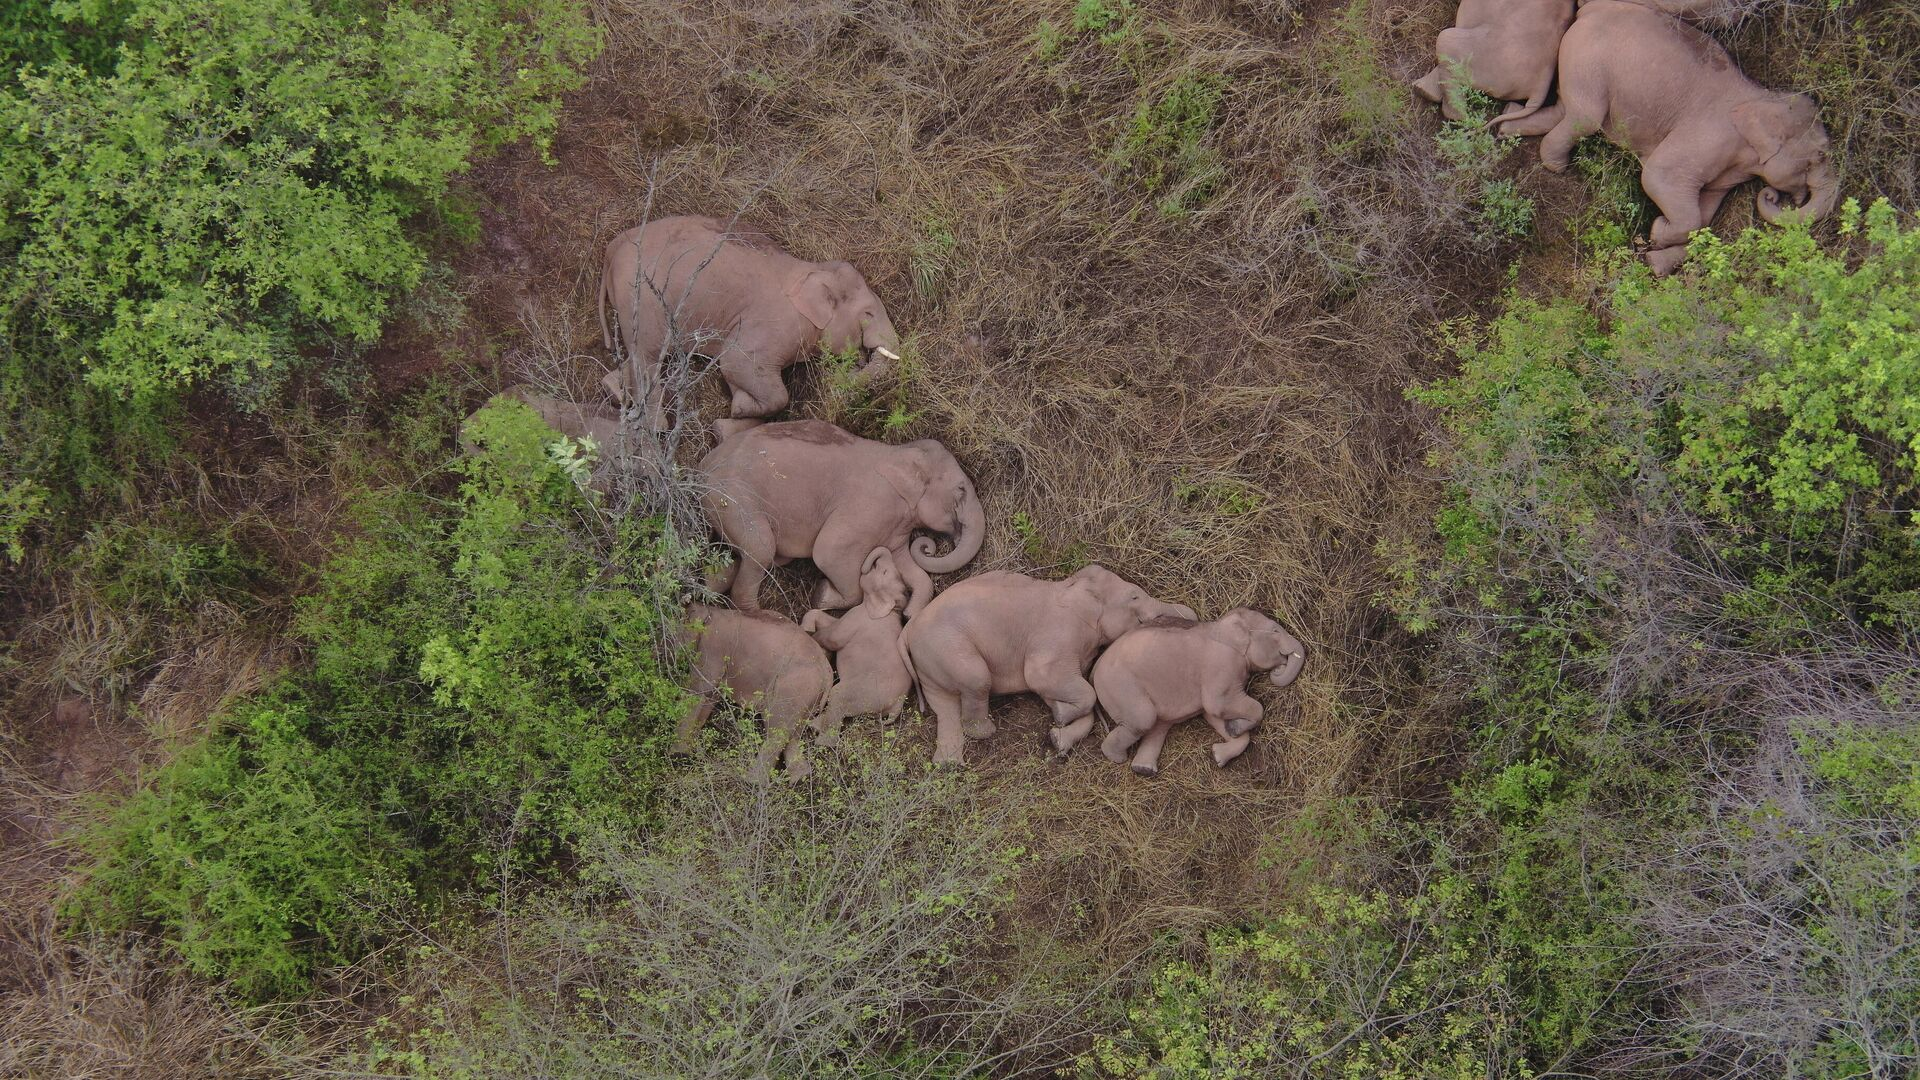 Un grupo de elefantes asiáticos salvajes dormen en el suelo en China - Sputnik Mundo, 1920, 27.06.2021